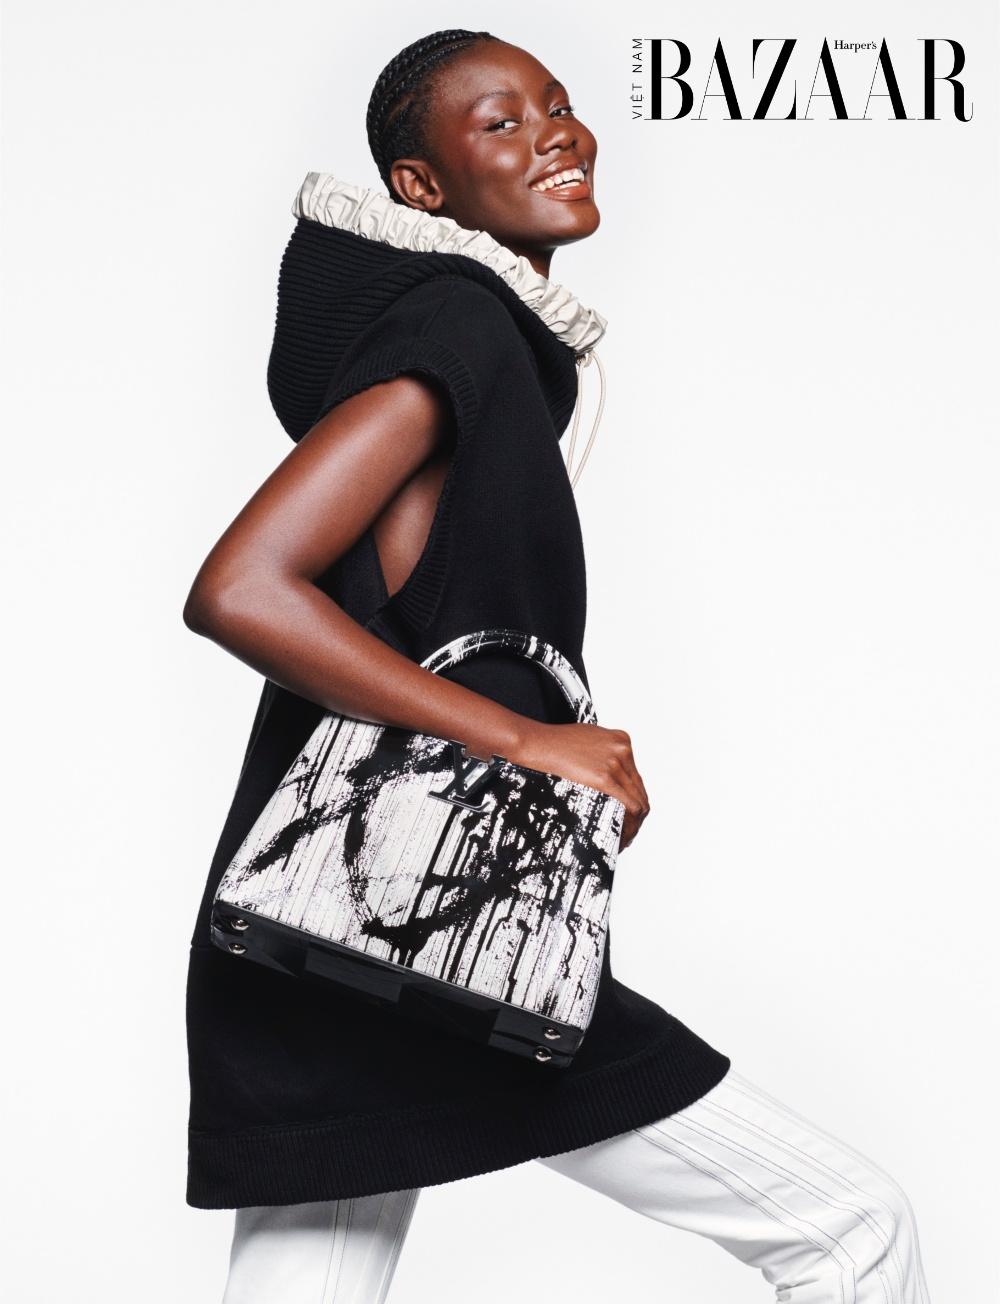 Louis Vuitton ra mắt 6 thiết kế Artycapucines nghệ thuật năm 2021 17